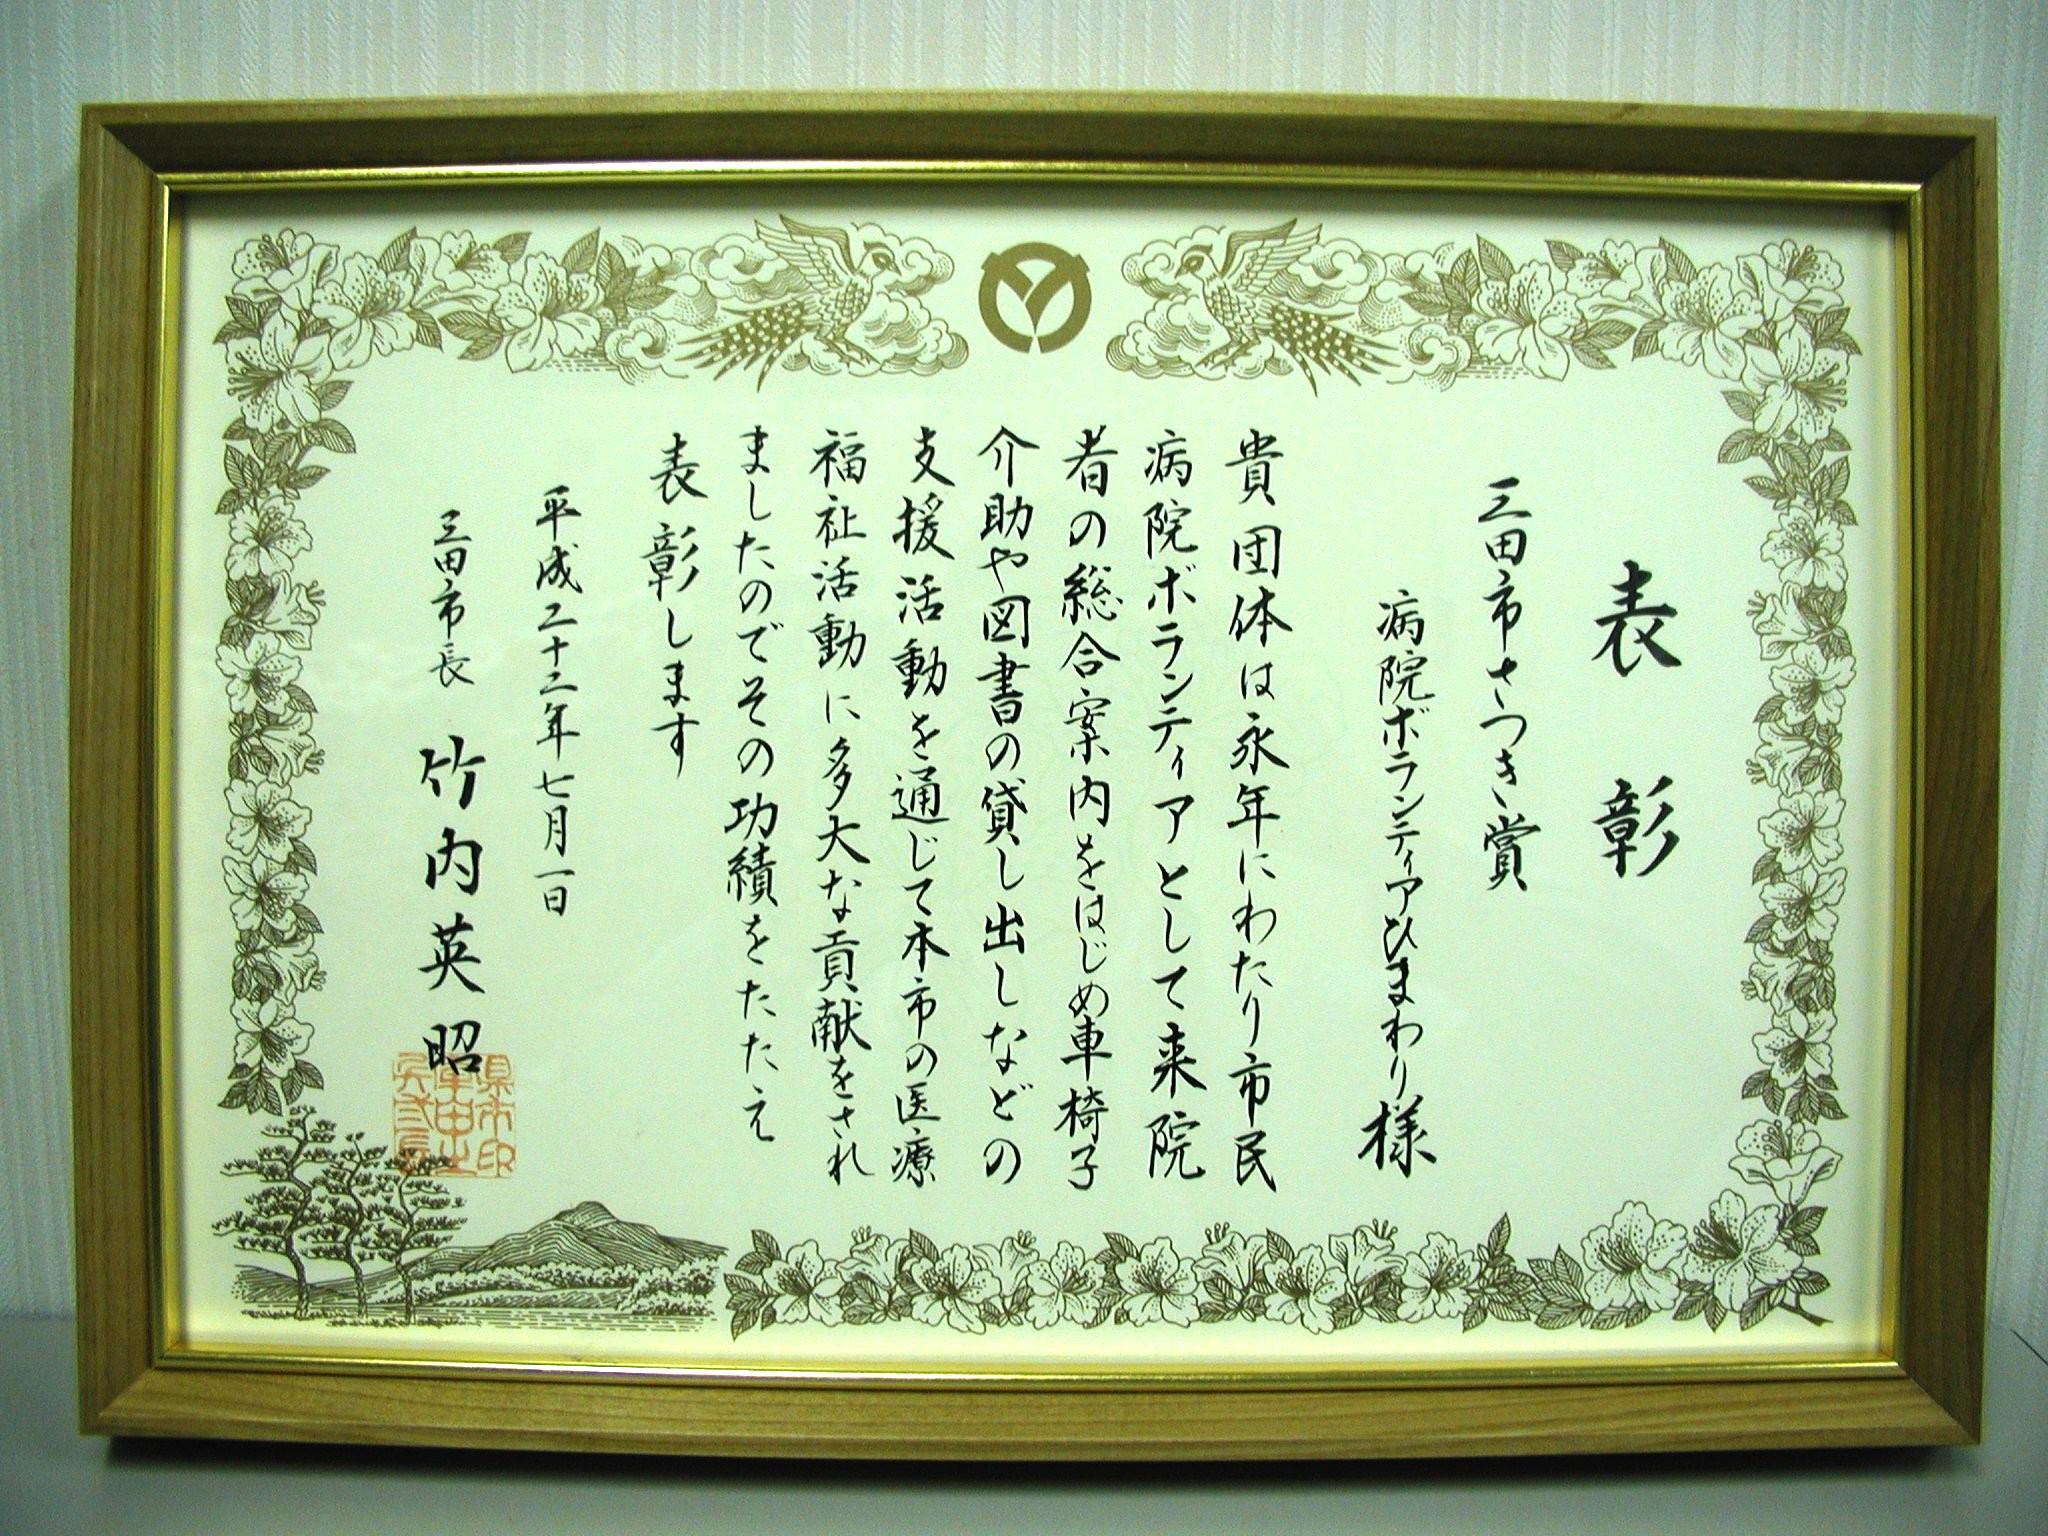 さつき賞賞状.JPG